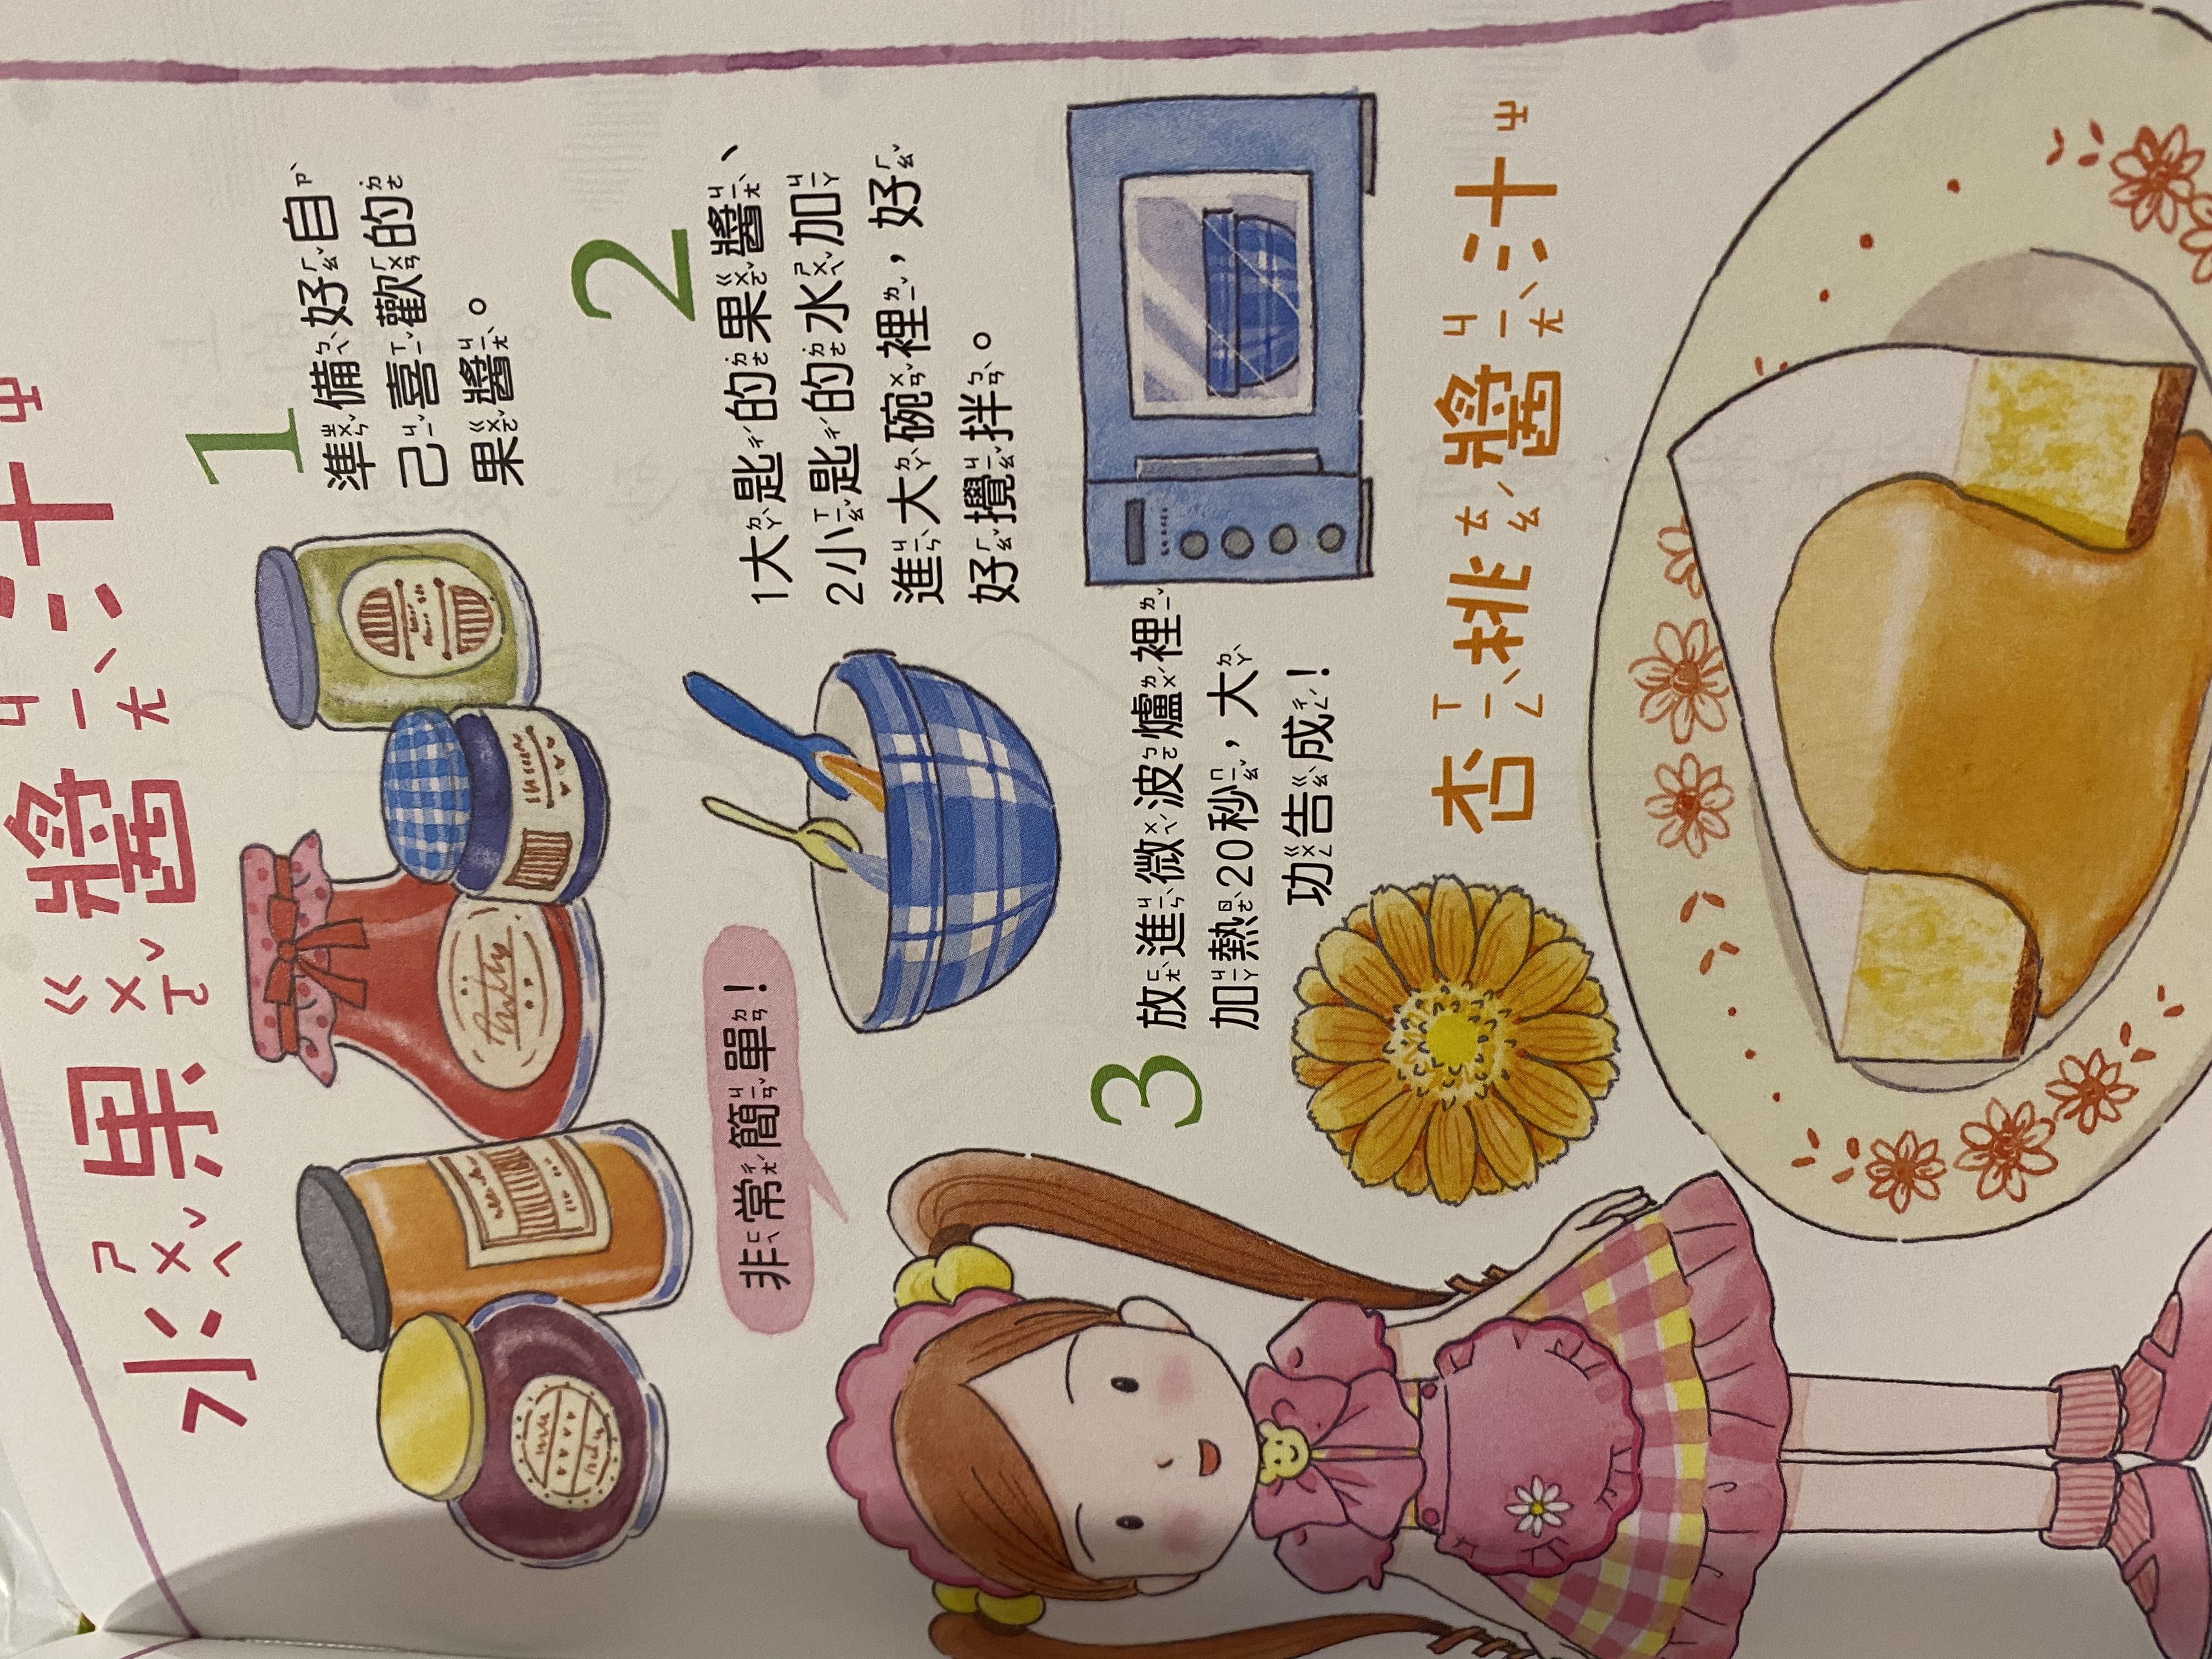 露露和菈菈08 天使蛋糕/ 3-4/ 文 安晝安子/ 譯 蕘合/ 東雨